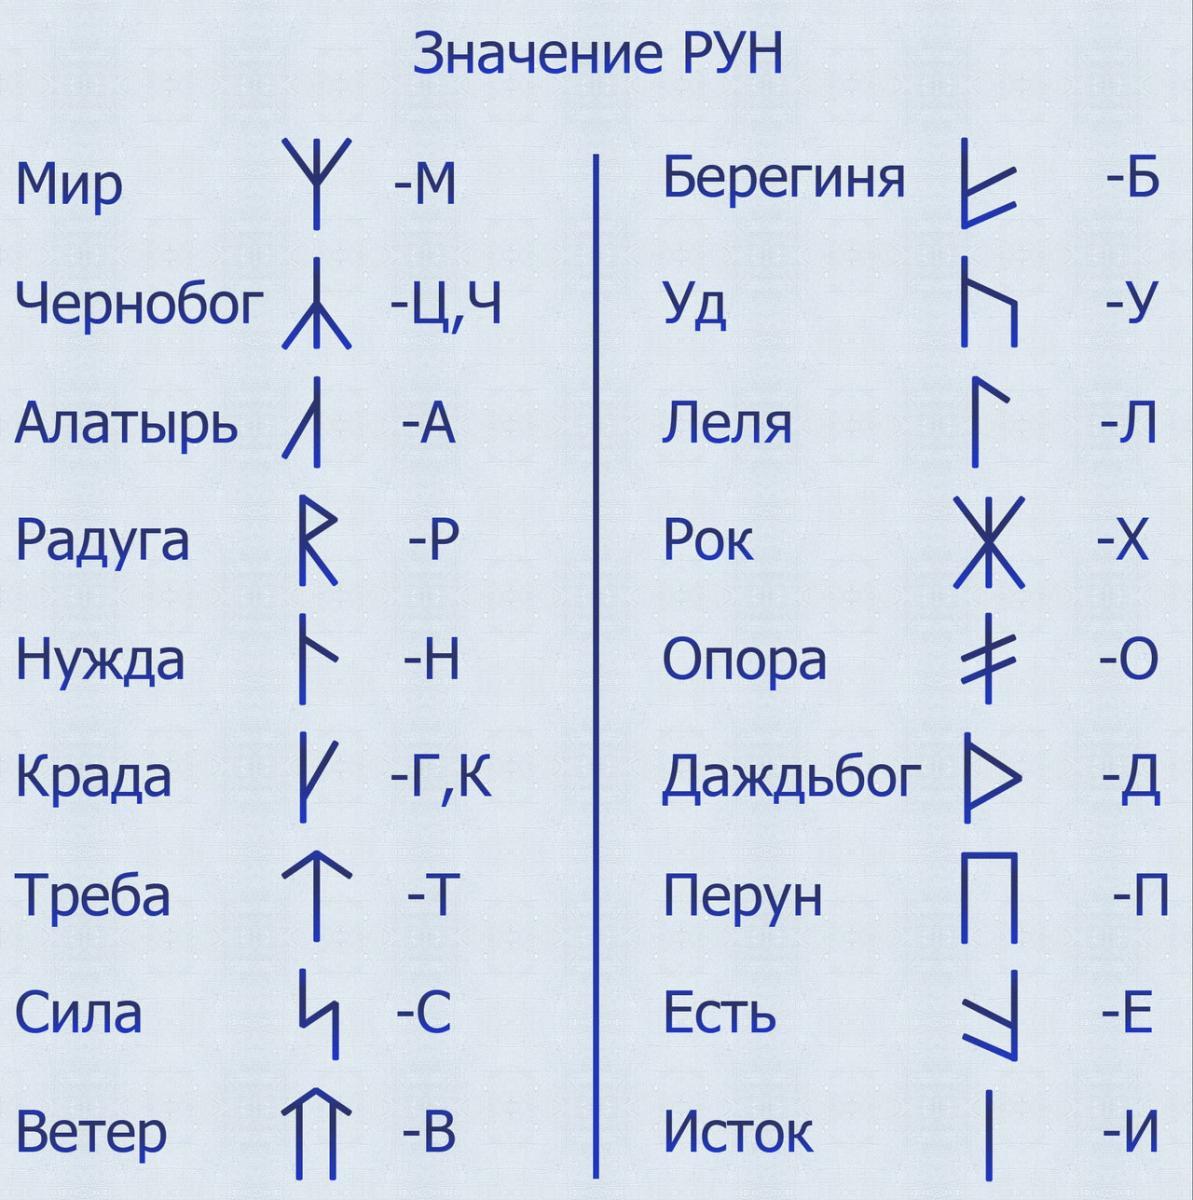 Древние славянские руны и их значение